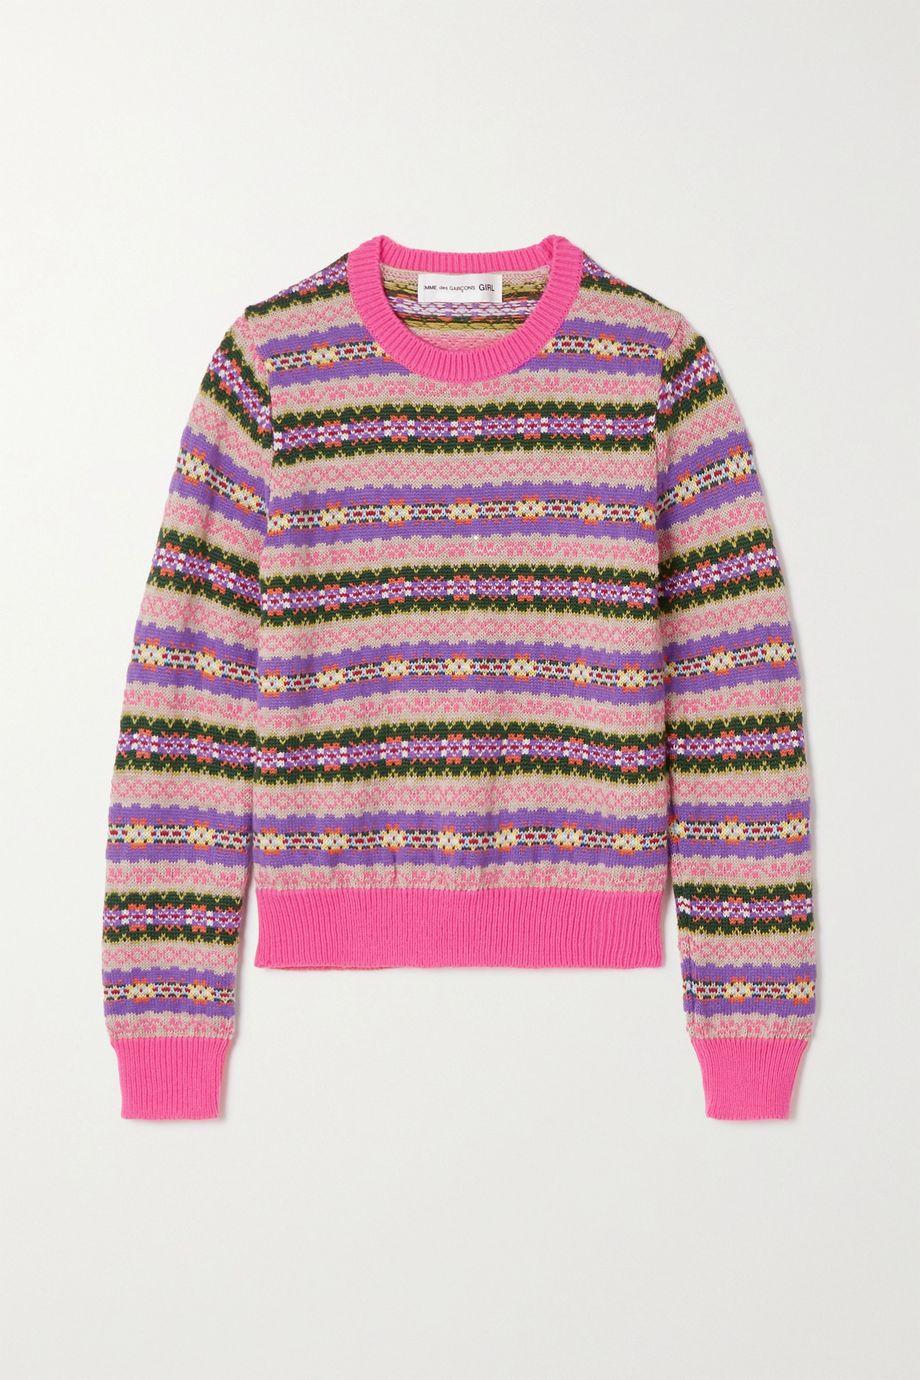 Comme des Garçons GIRL Pullover aus einer Wollmischung mit Fair-Isle-Muster